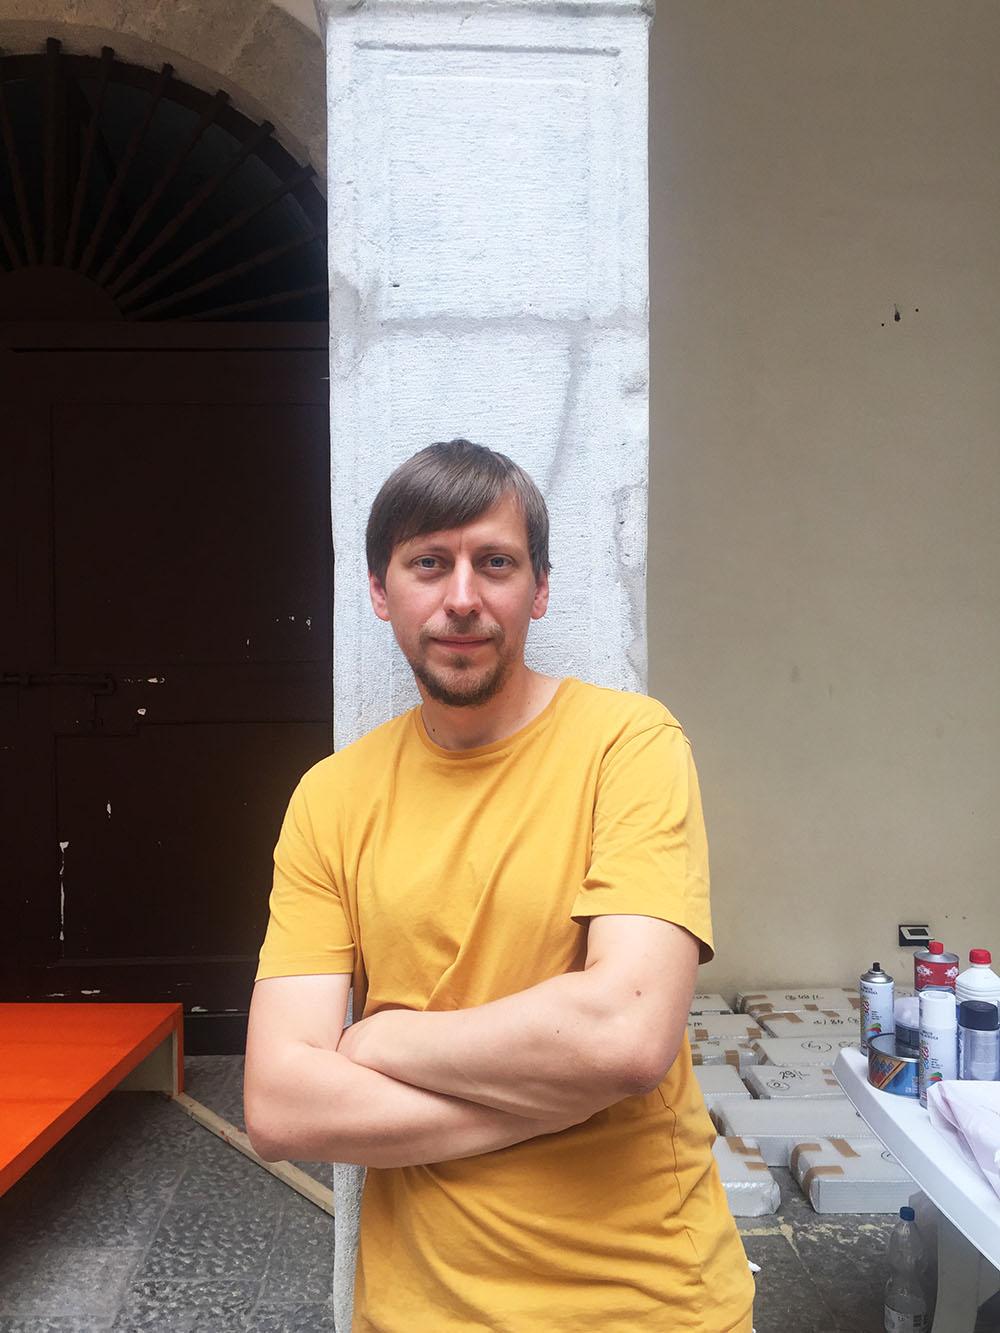 Manifesta Biennale | I 'Giochi Senza Frontiere' di Marcin Dudek riflettono e frantumano passato e presente